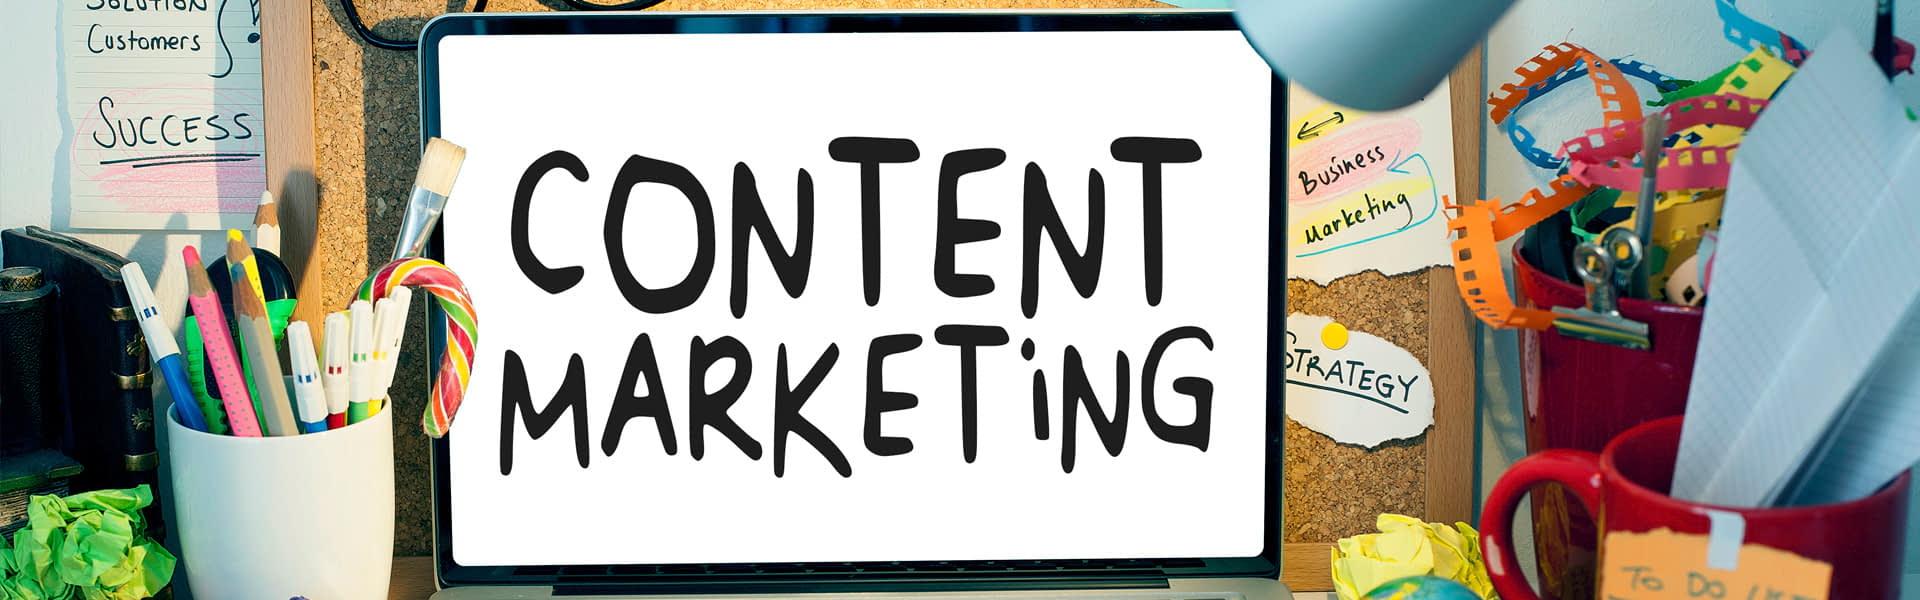 weiterbildung-content-marketing@2x.jpg